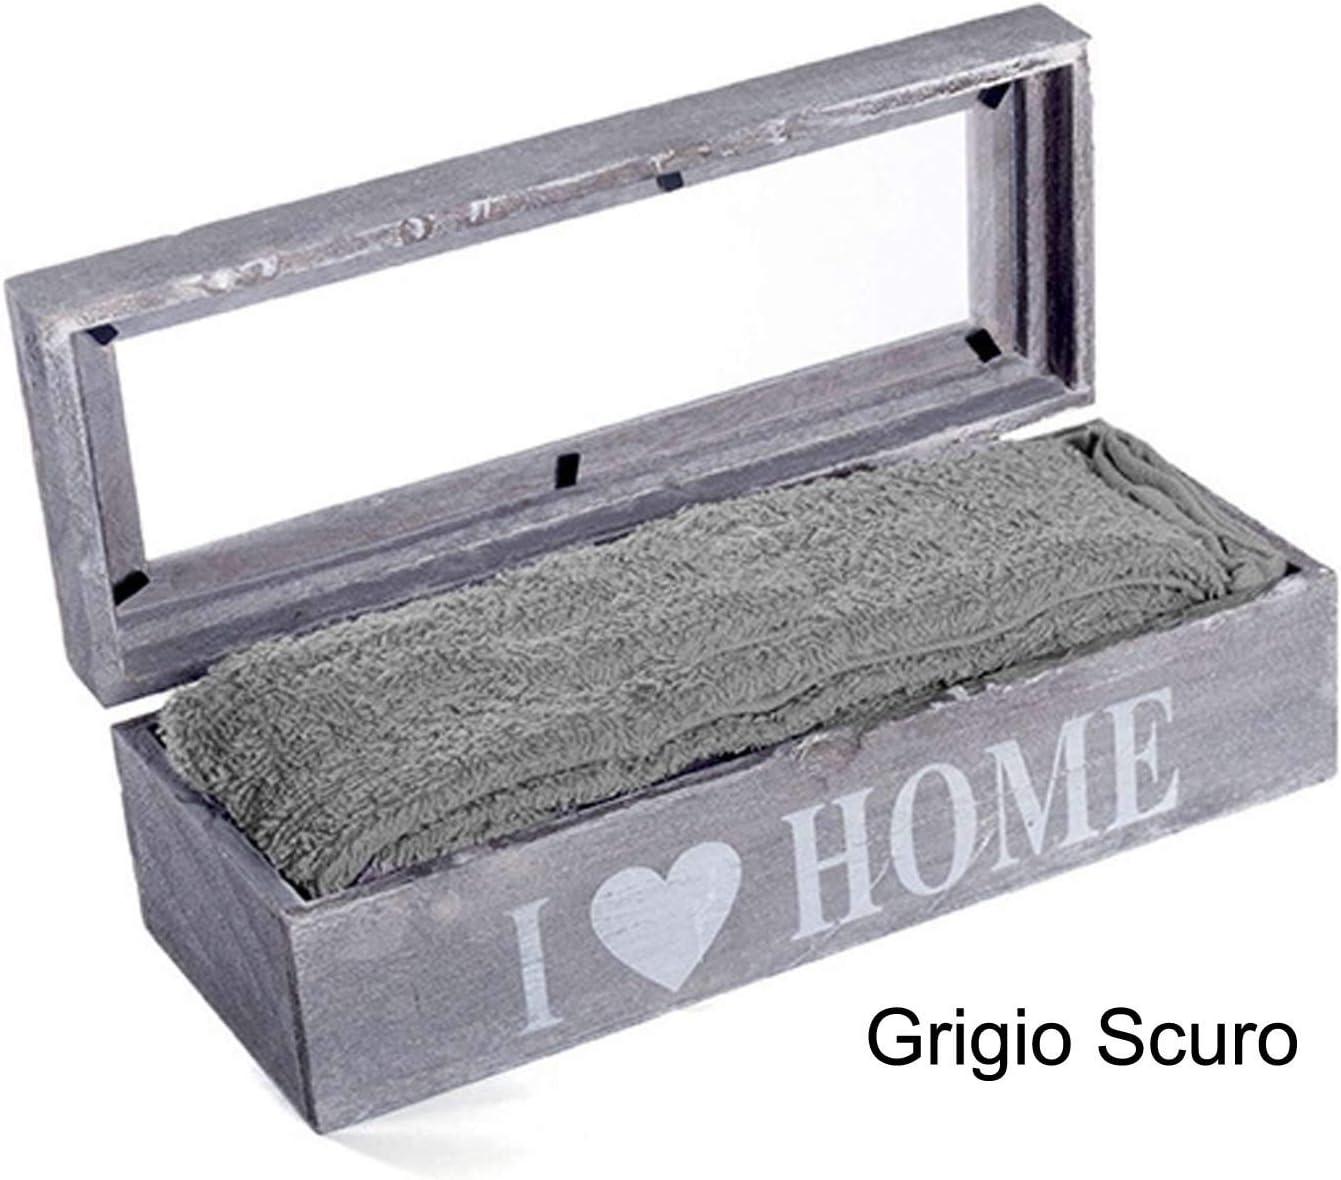 Grigio Scuro CASA TESSILE Lavette Set 4 Pezzi in Cestino with Love